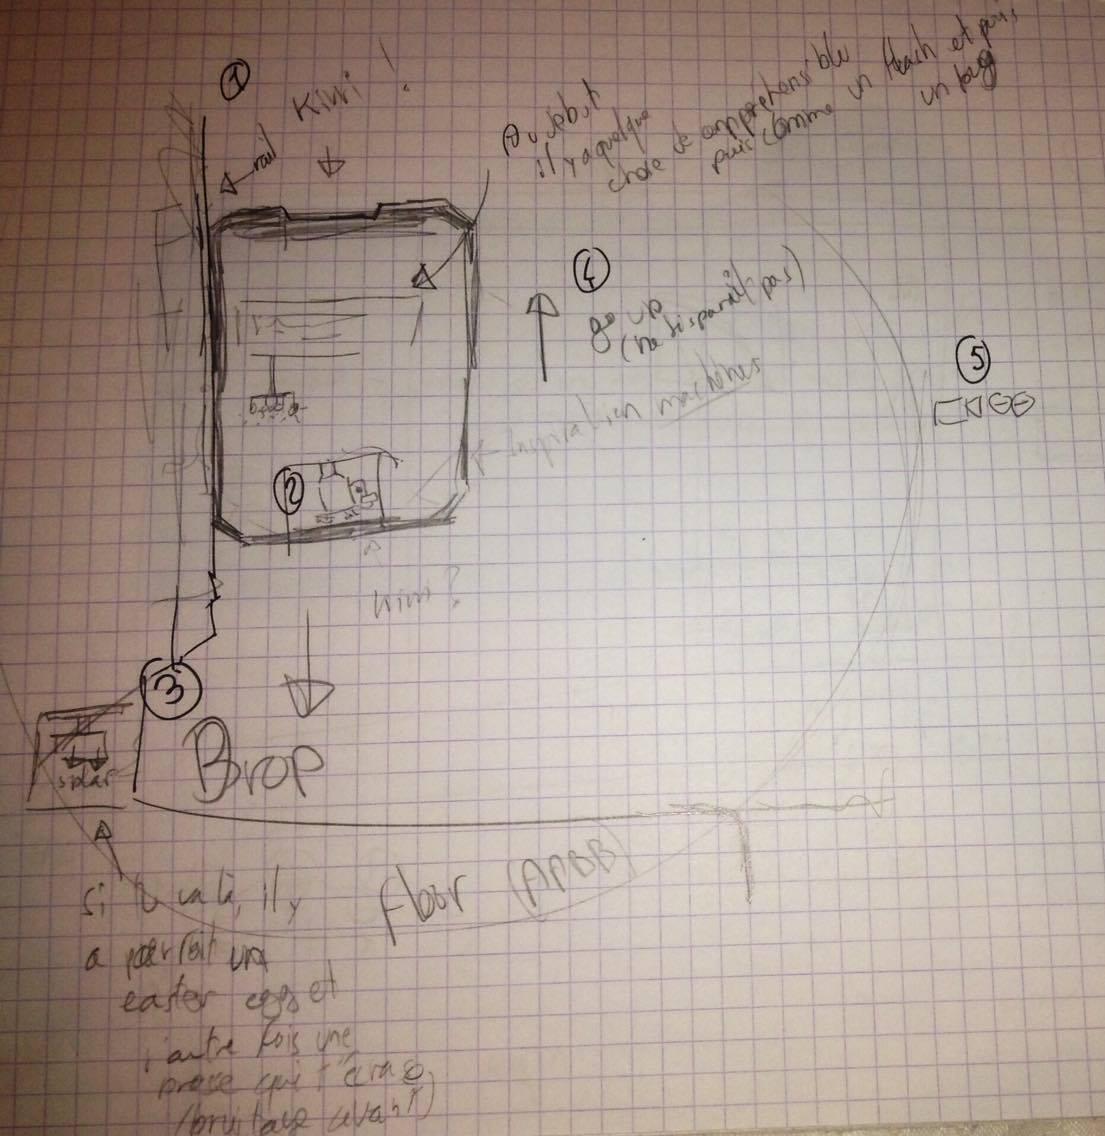 Start level idea - Idée du début des niveaux